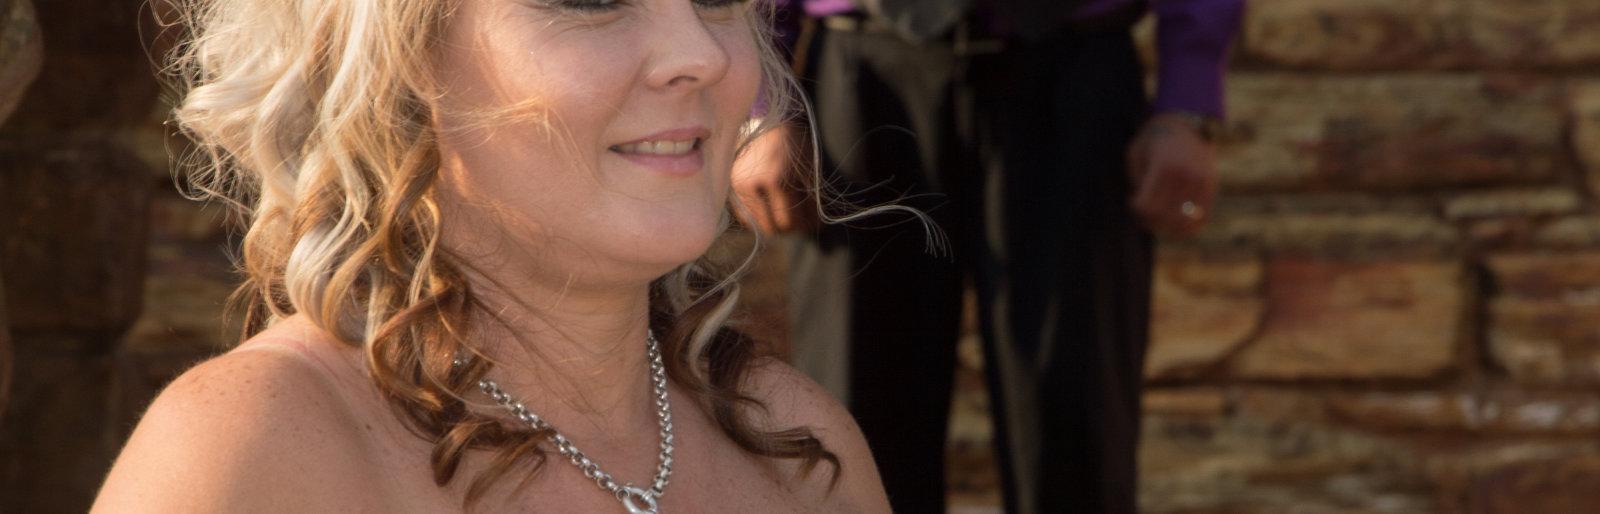 Cindy Van dyk